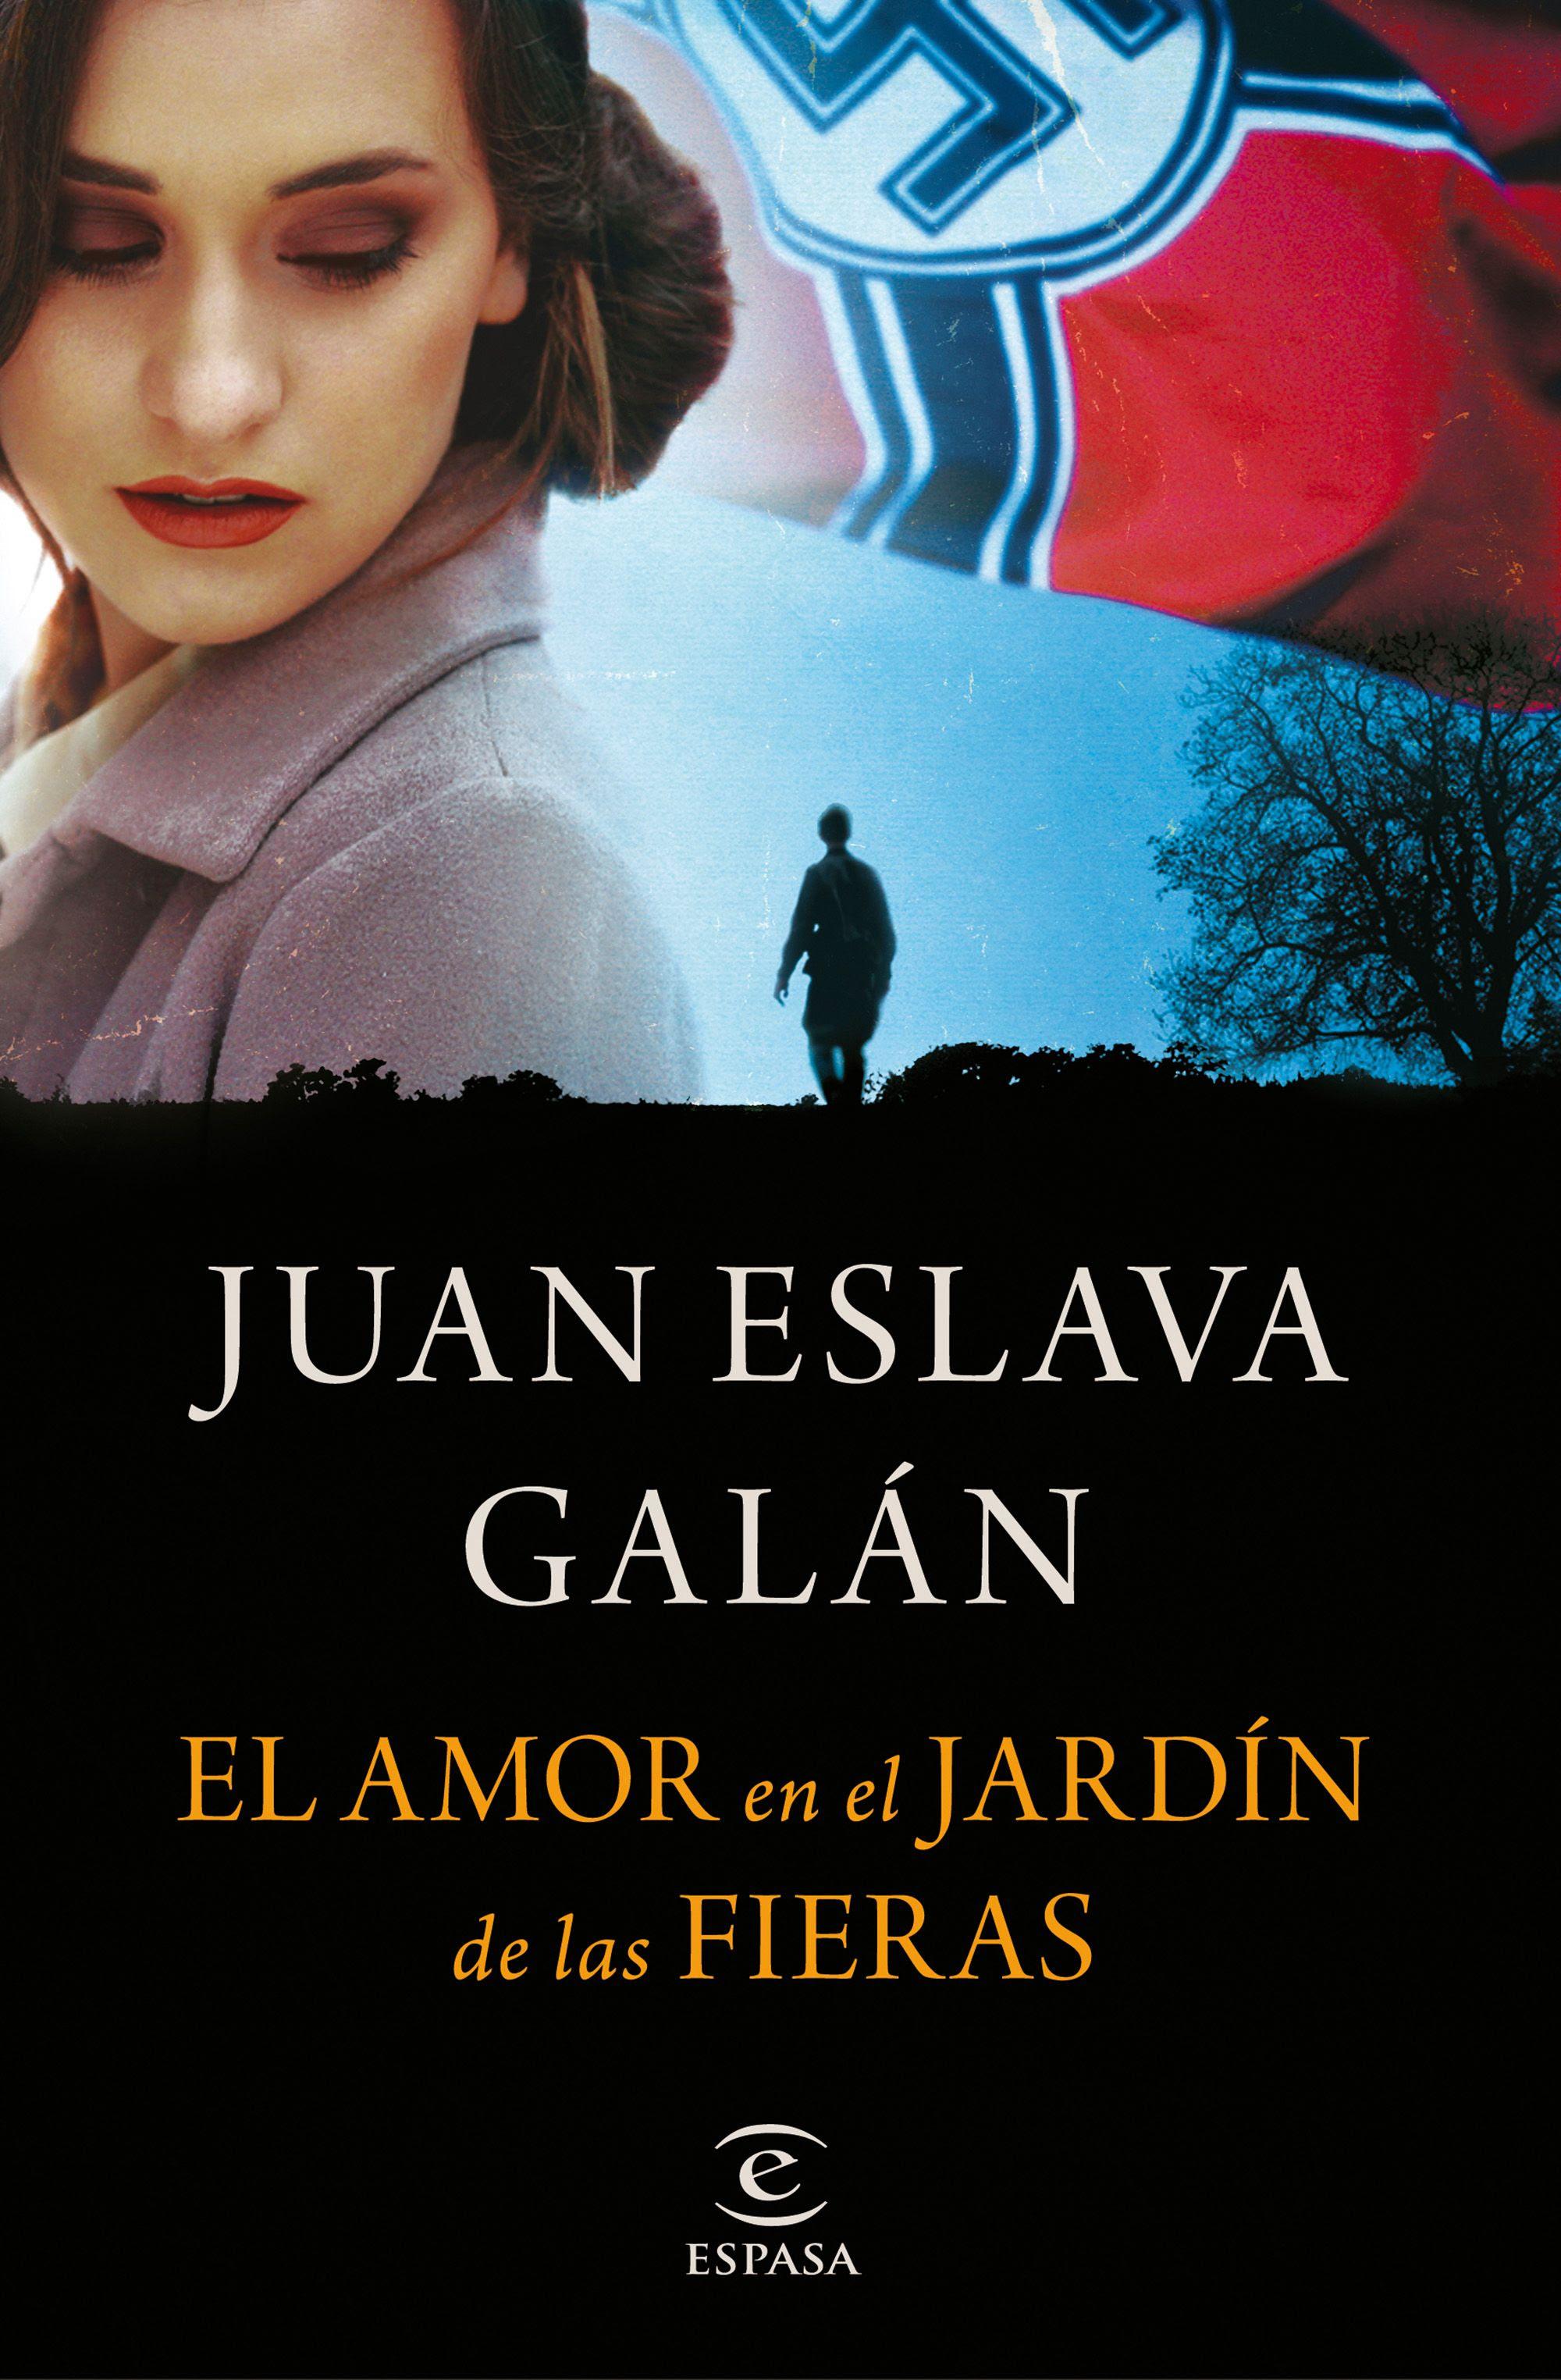 Resultado de imagen de EL AMOR EN EL JARDÍN DE LAS FIERAS de Juan Eslava Galán.